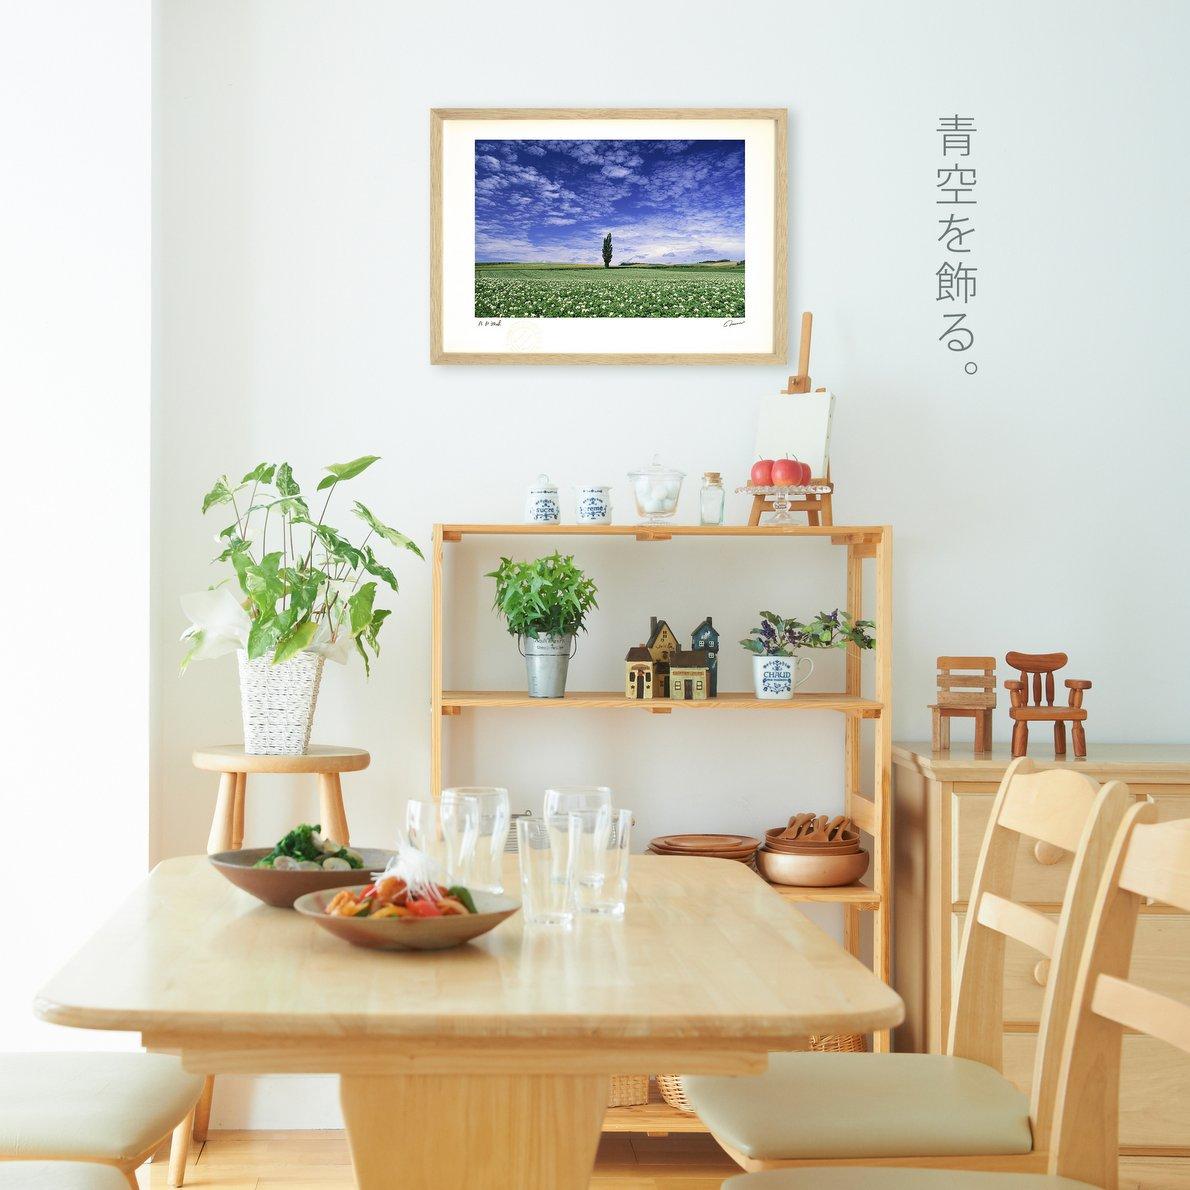 《アートフォト》春の丘5/南富良野町〔富良野・高橋真澄〕(レンタル対象)